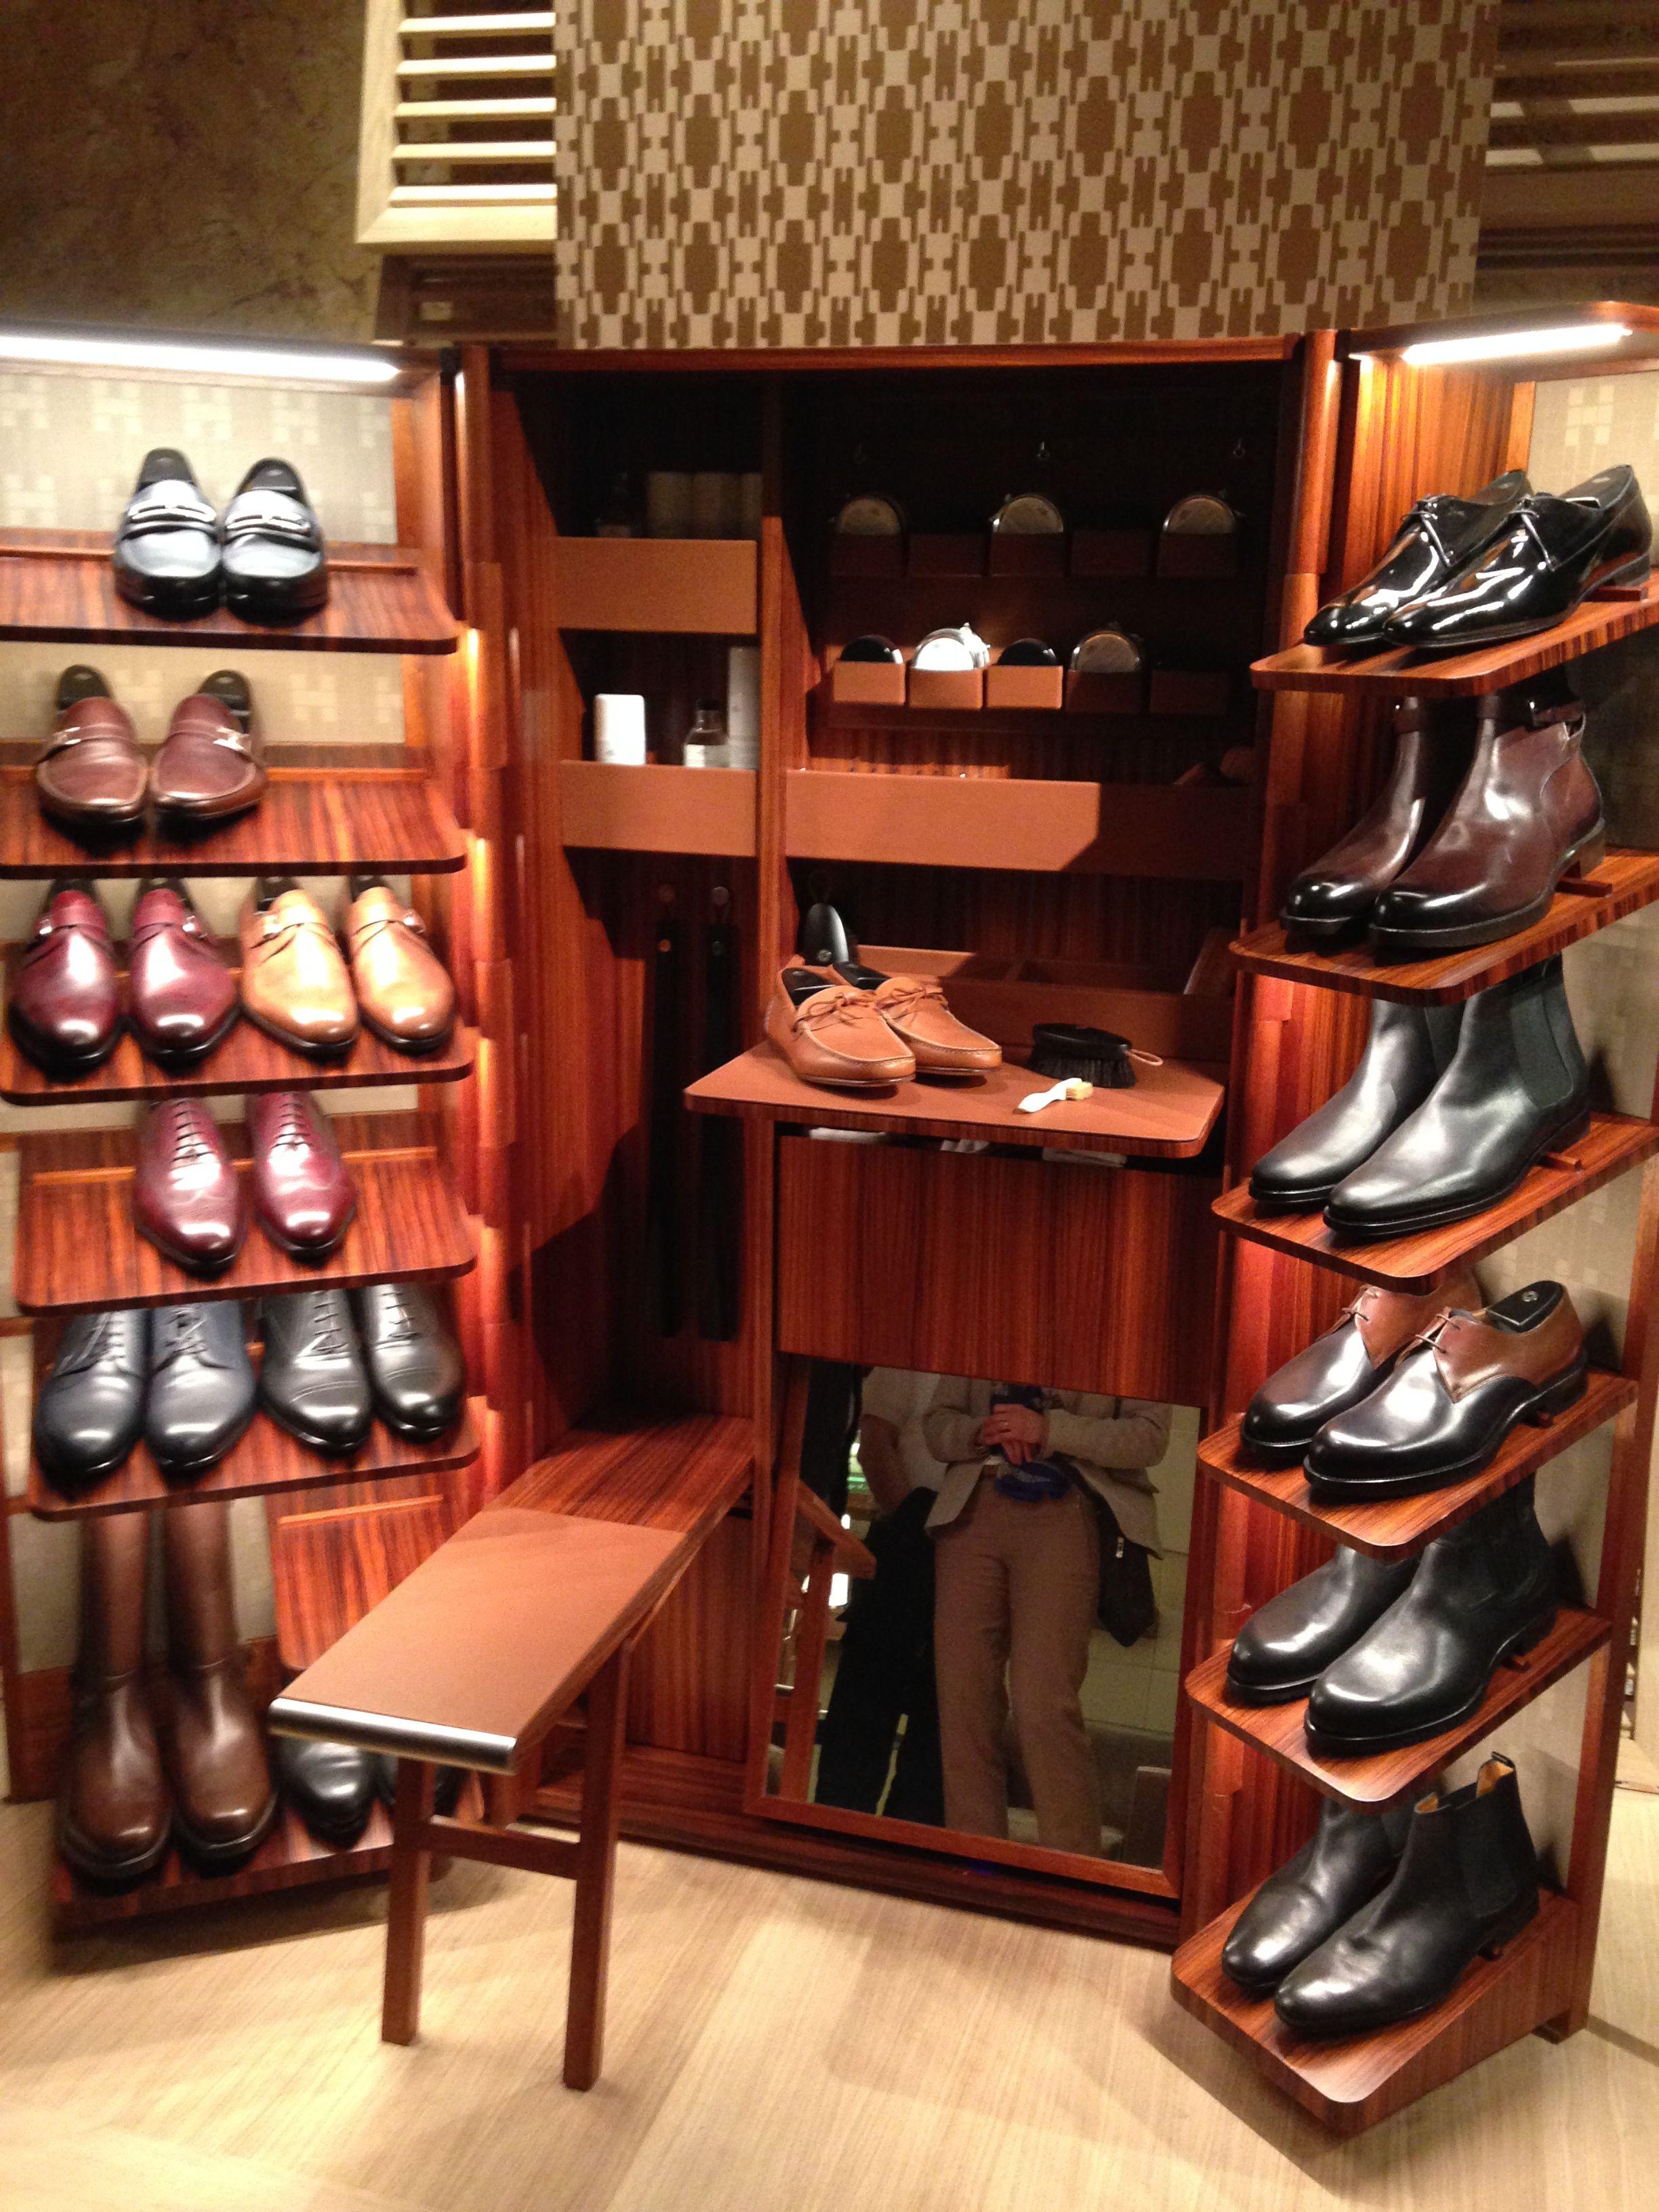 Hermès Schuhputz-Schrankkoffer für €300\'000.- (ohne Schuhe)   Nice ...